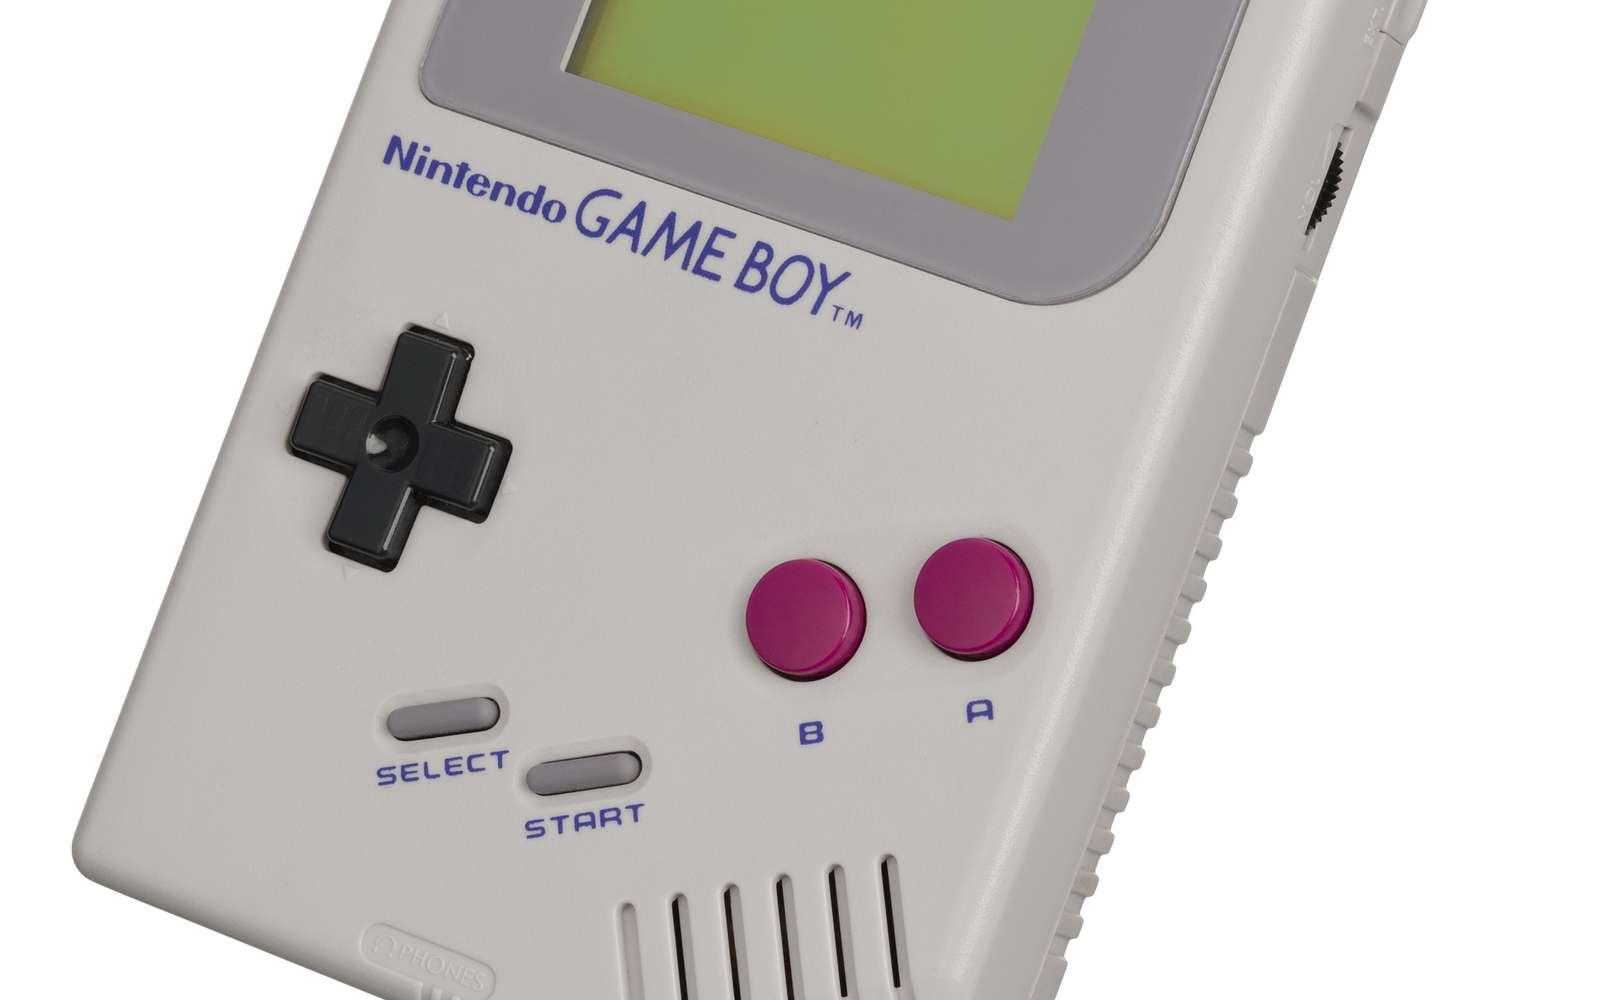 La Game Boy de Nintendo est une console portable culte des années 1990. © By Evan-Amos, DP via Wikimedia Commons